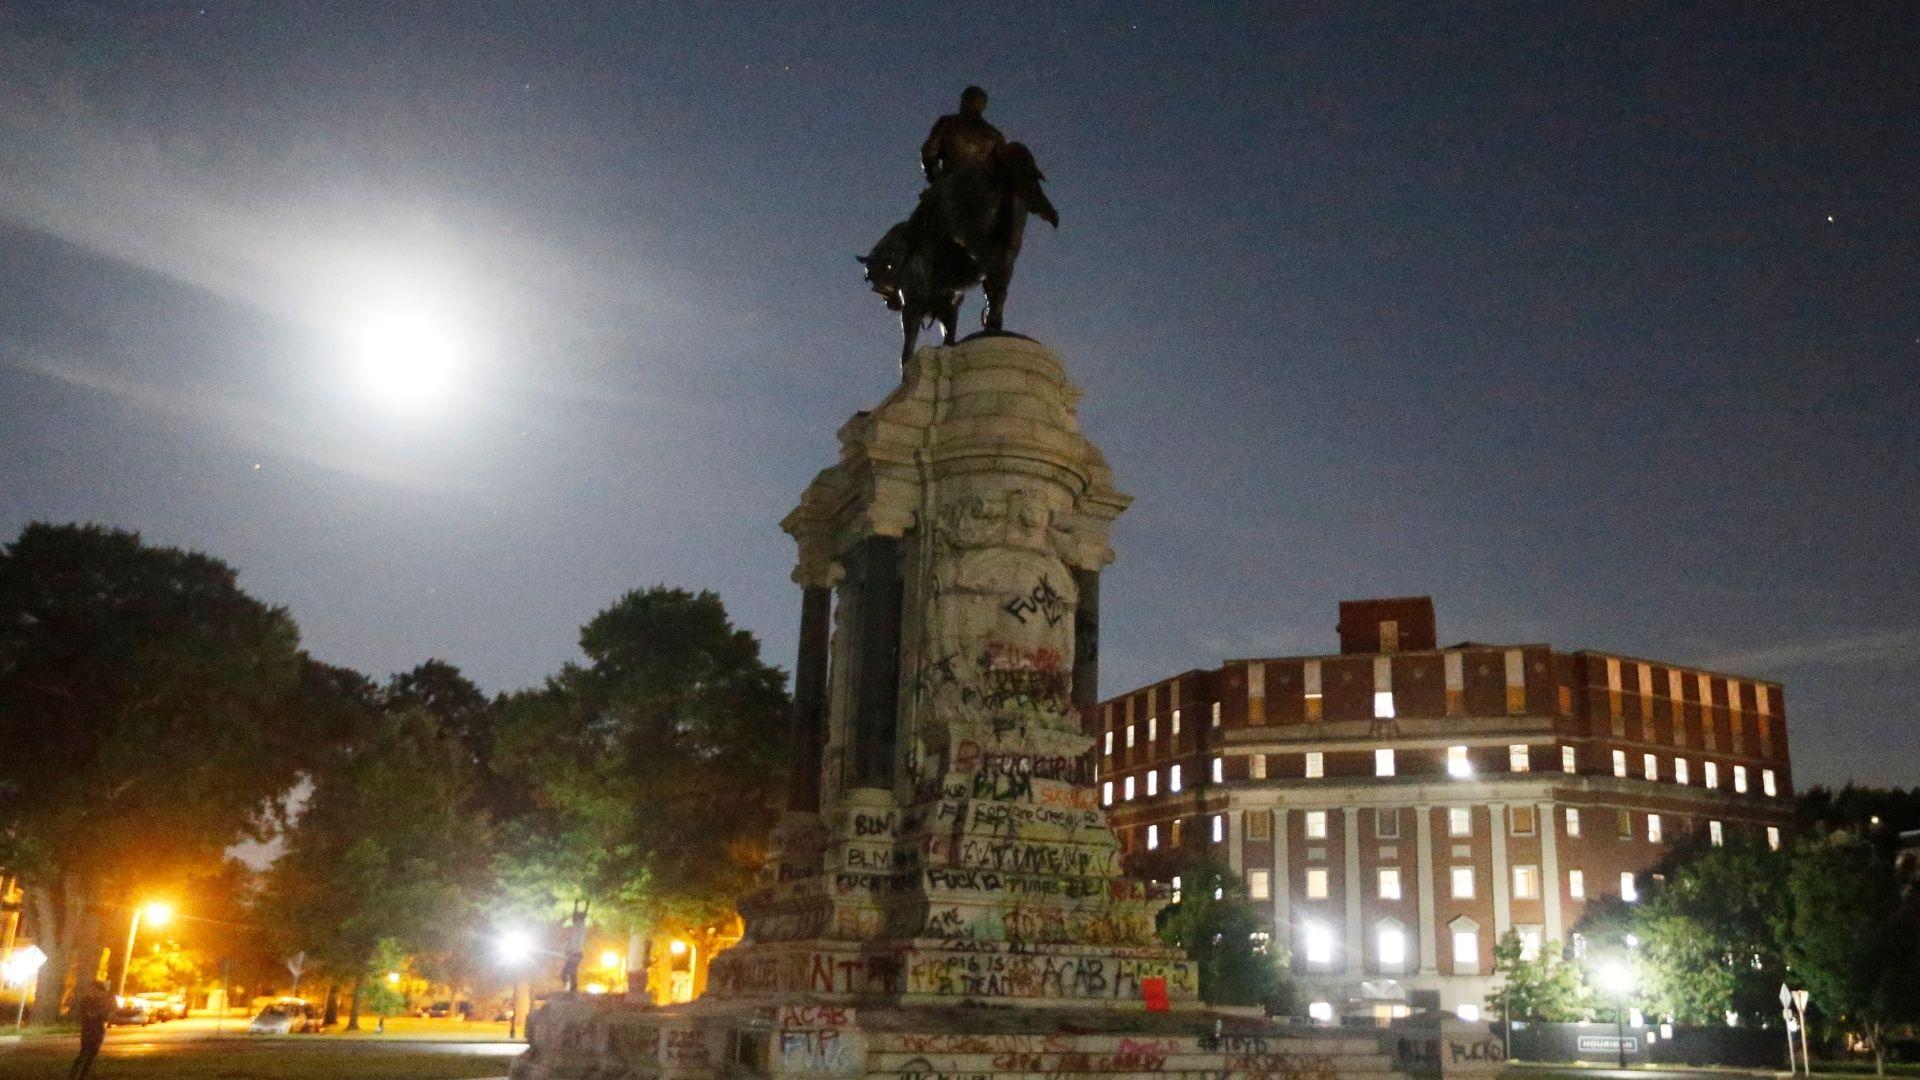 Robert E. Lee statue in Virginia